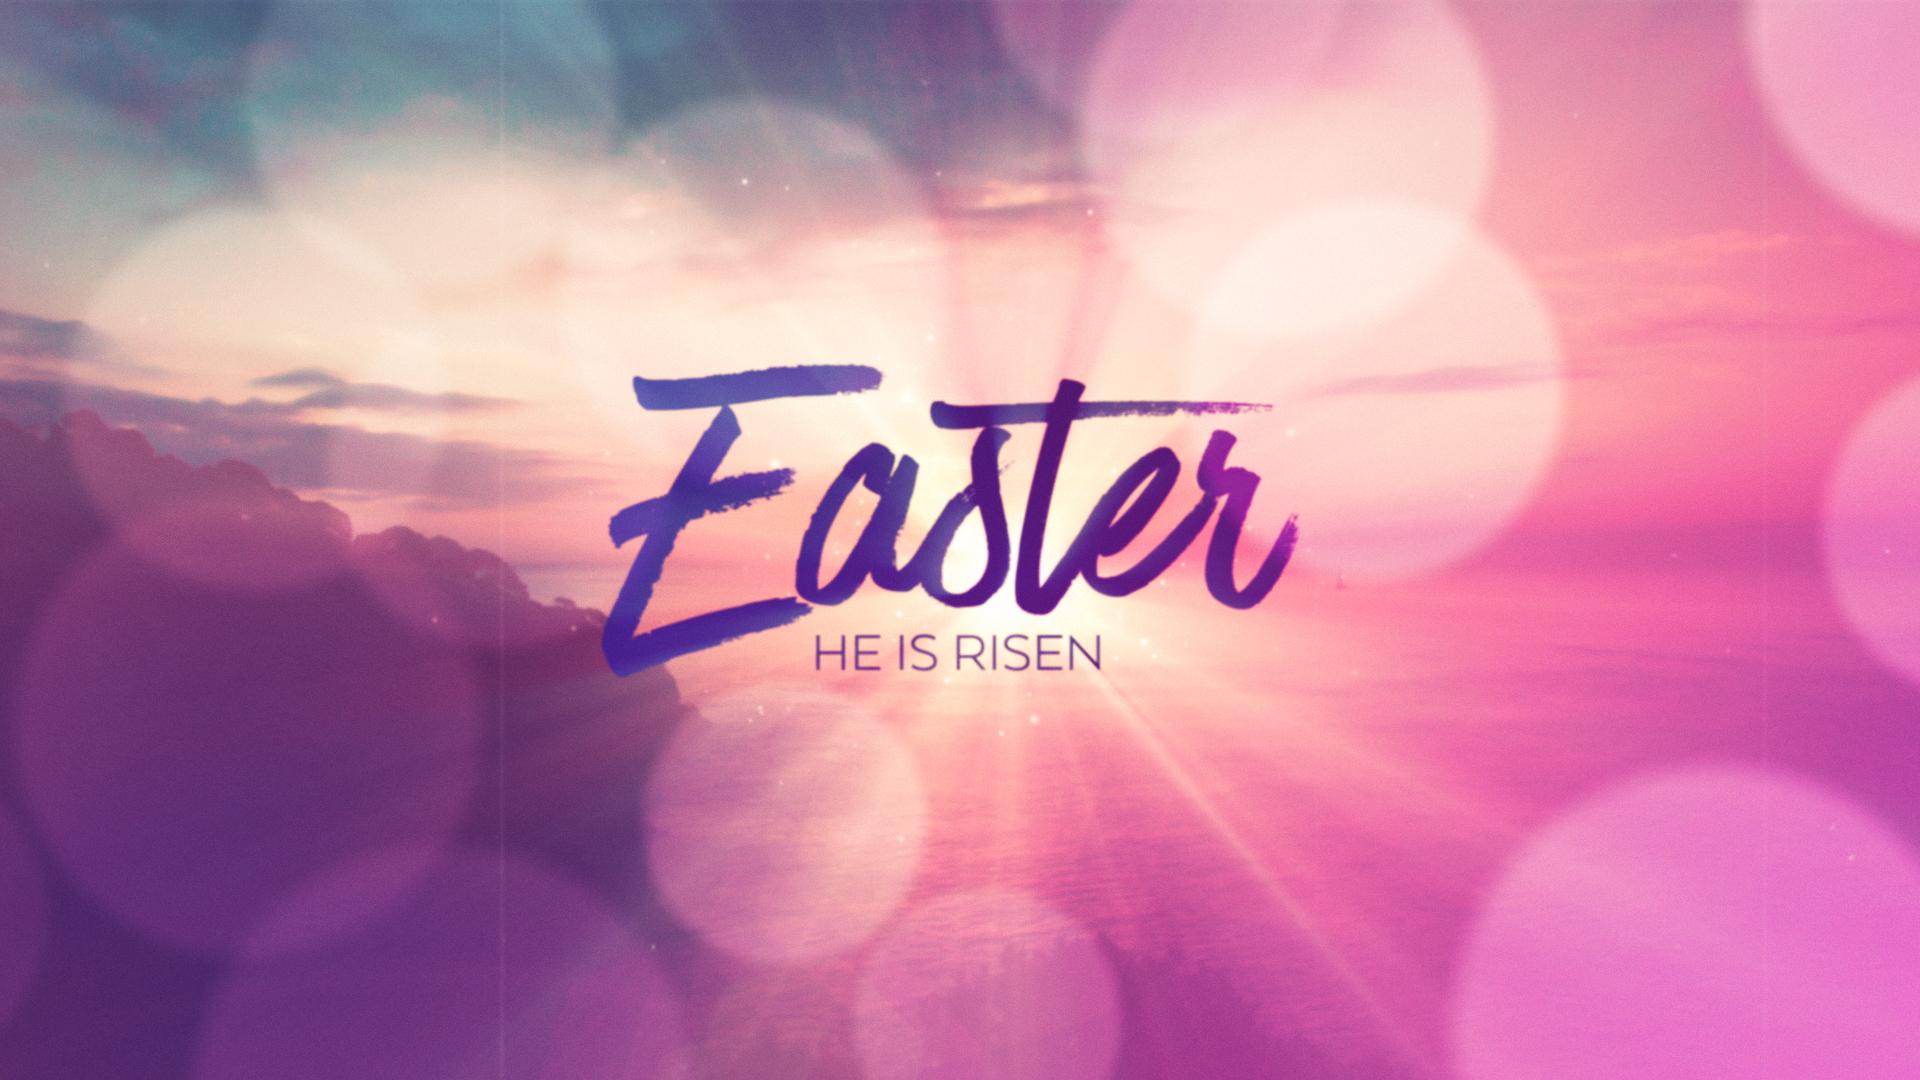 resurrection-words-easter-still.jpg